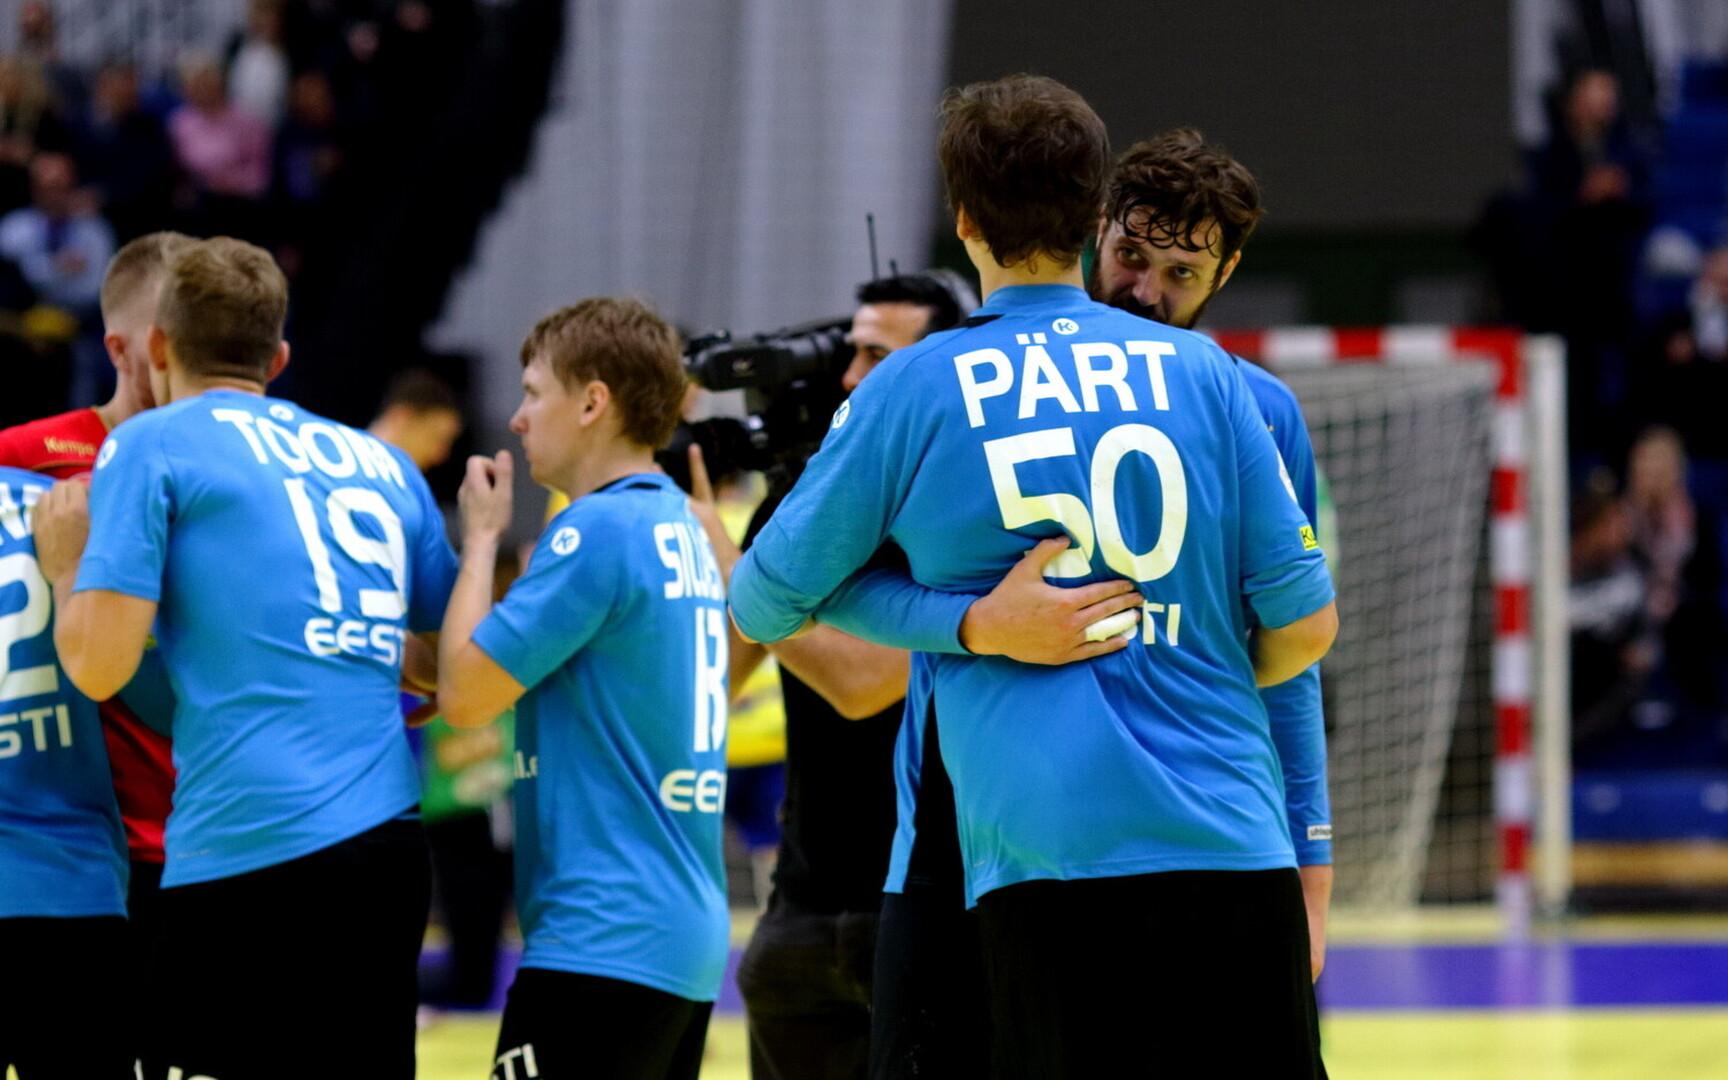 77c0d176c76 Eesti käsipallikoondis sai Thomas Sivertssoni näol tituleeritud ...